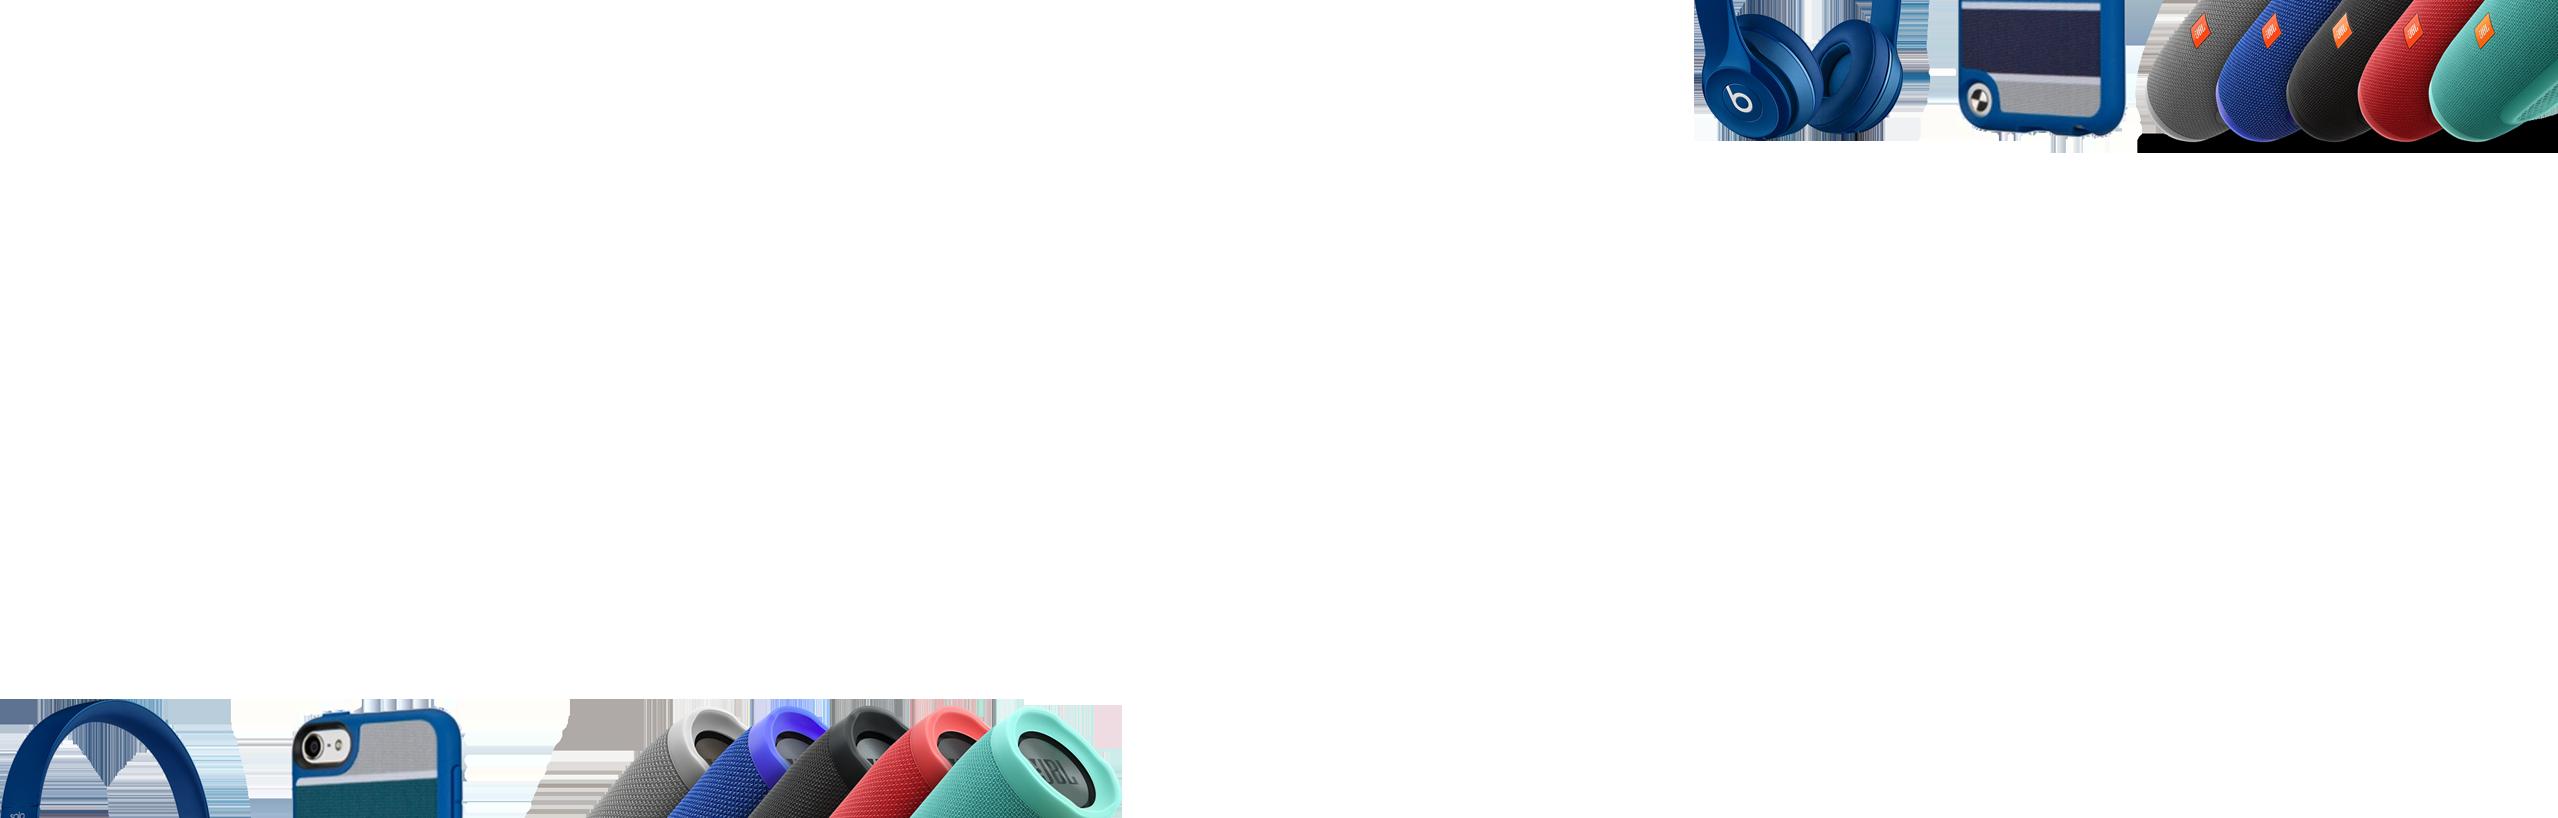 עמוד אביזרים - אייפוד